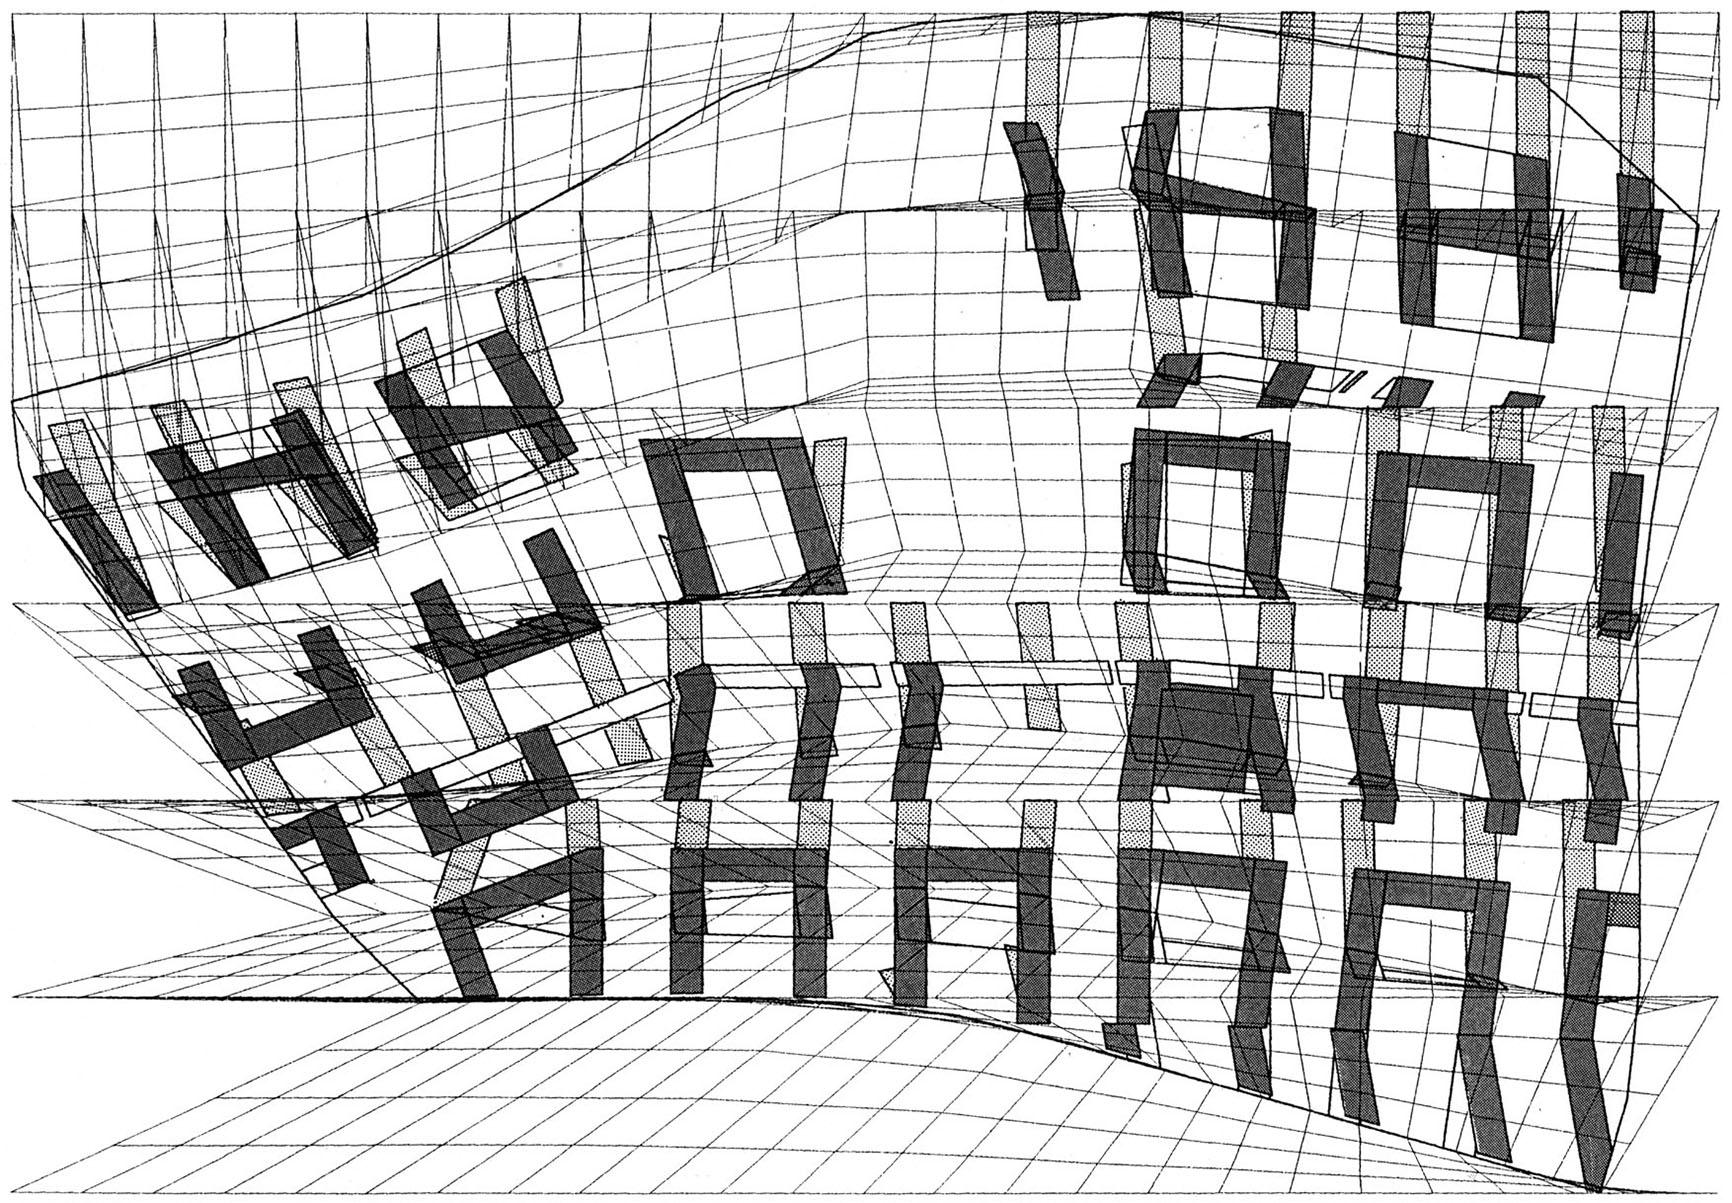 Die Grundrissstruktur der Gebäude nach der Faltung des kleinen Netzes und der ersten Ausfaltung der Gebäude